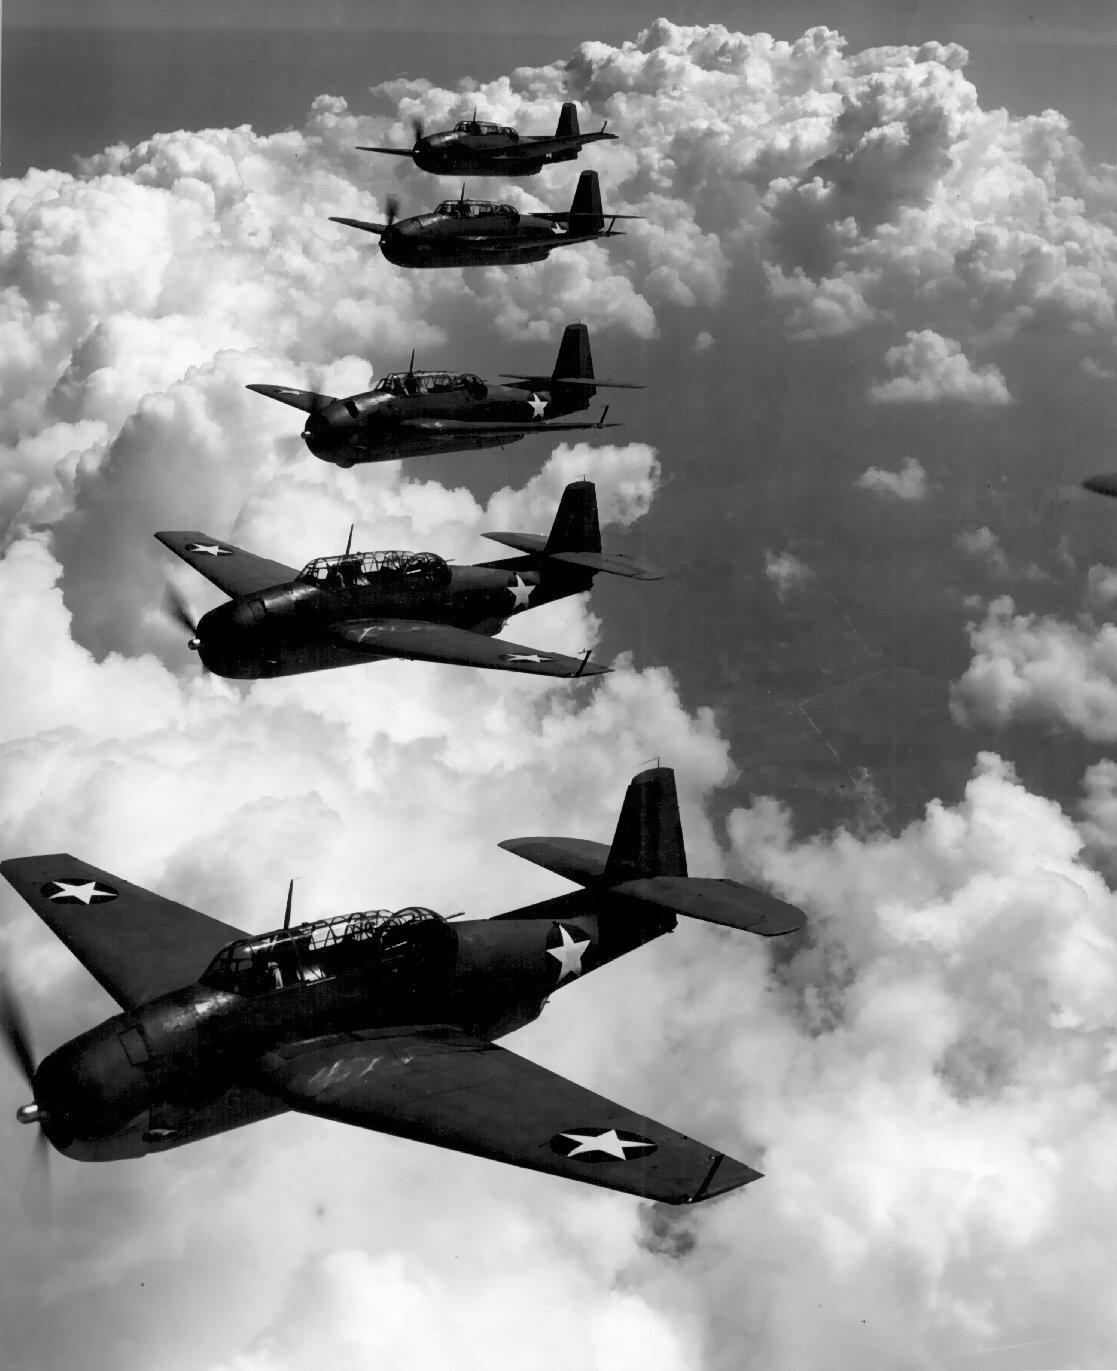 El 5 de diciembre de 1945 se perdió un escuadrón de cinco bombarderos TBM Avenger de la marina de EE.UU. durante un vuelo de entrenamiento en esa zona